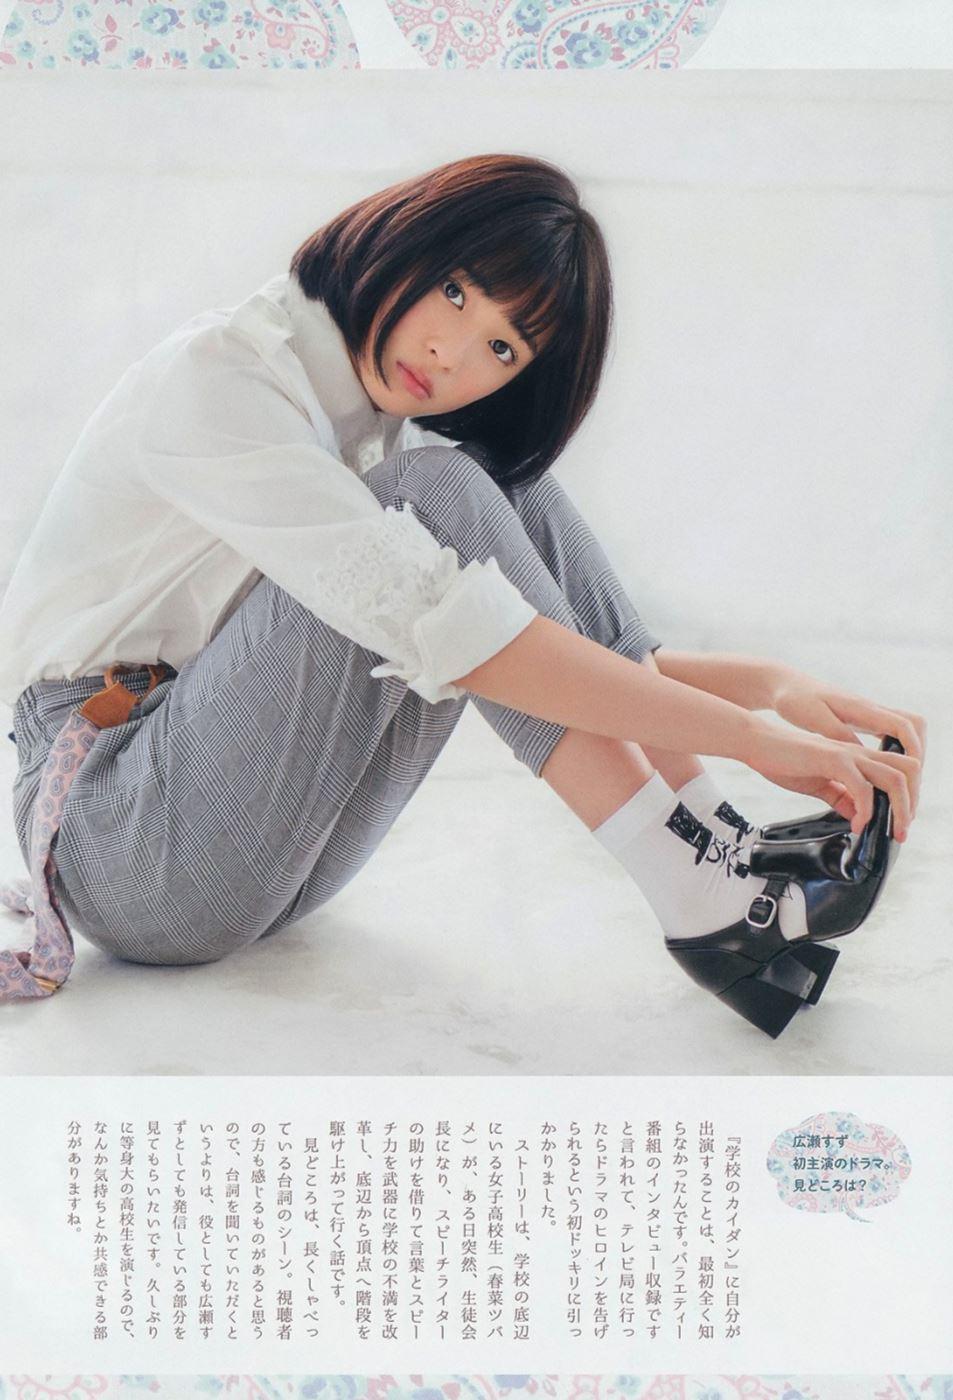 広瀬アリス 広瀬すず 姉妹 かわいい エロ画像 102